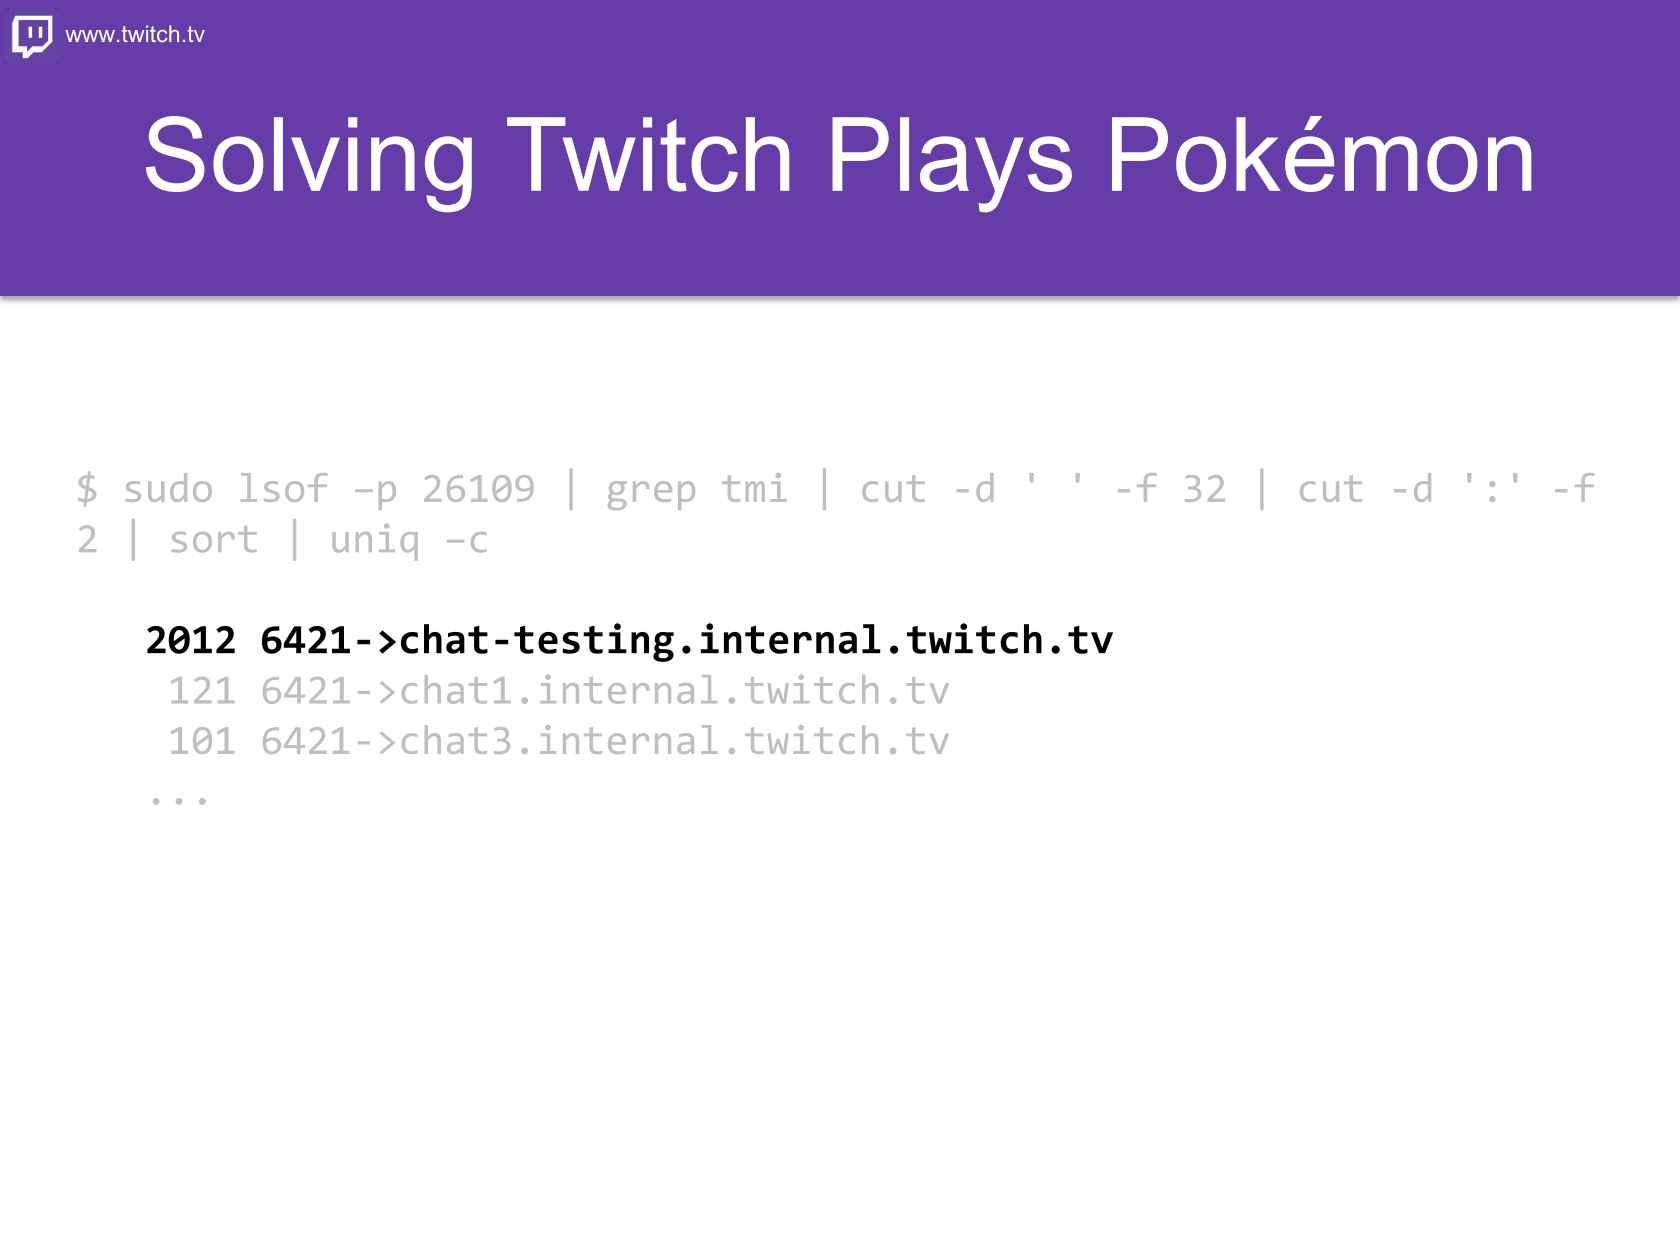 Twitch Plays Pokémon: Twitch's Chat Architecture